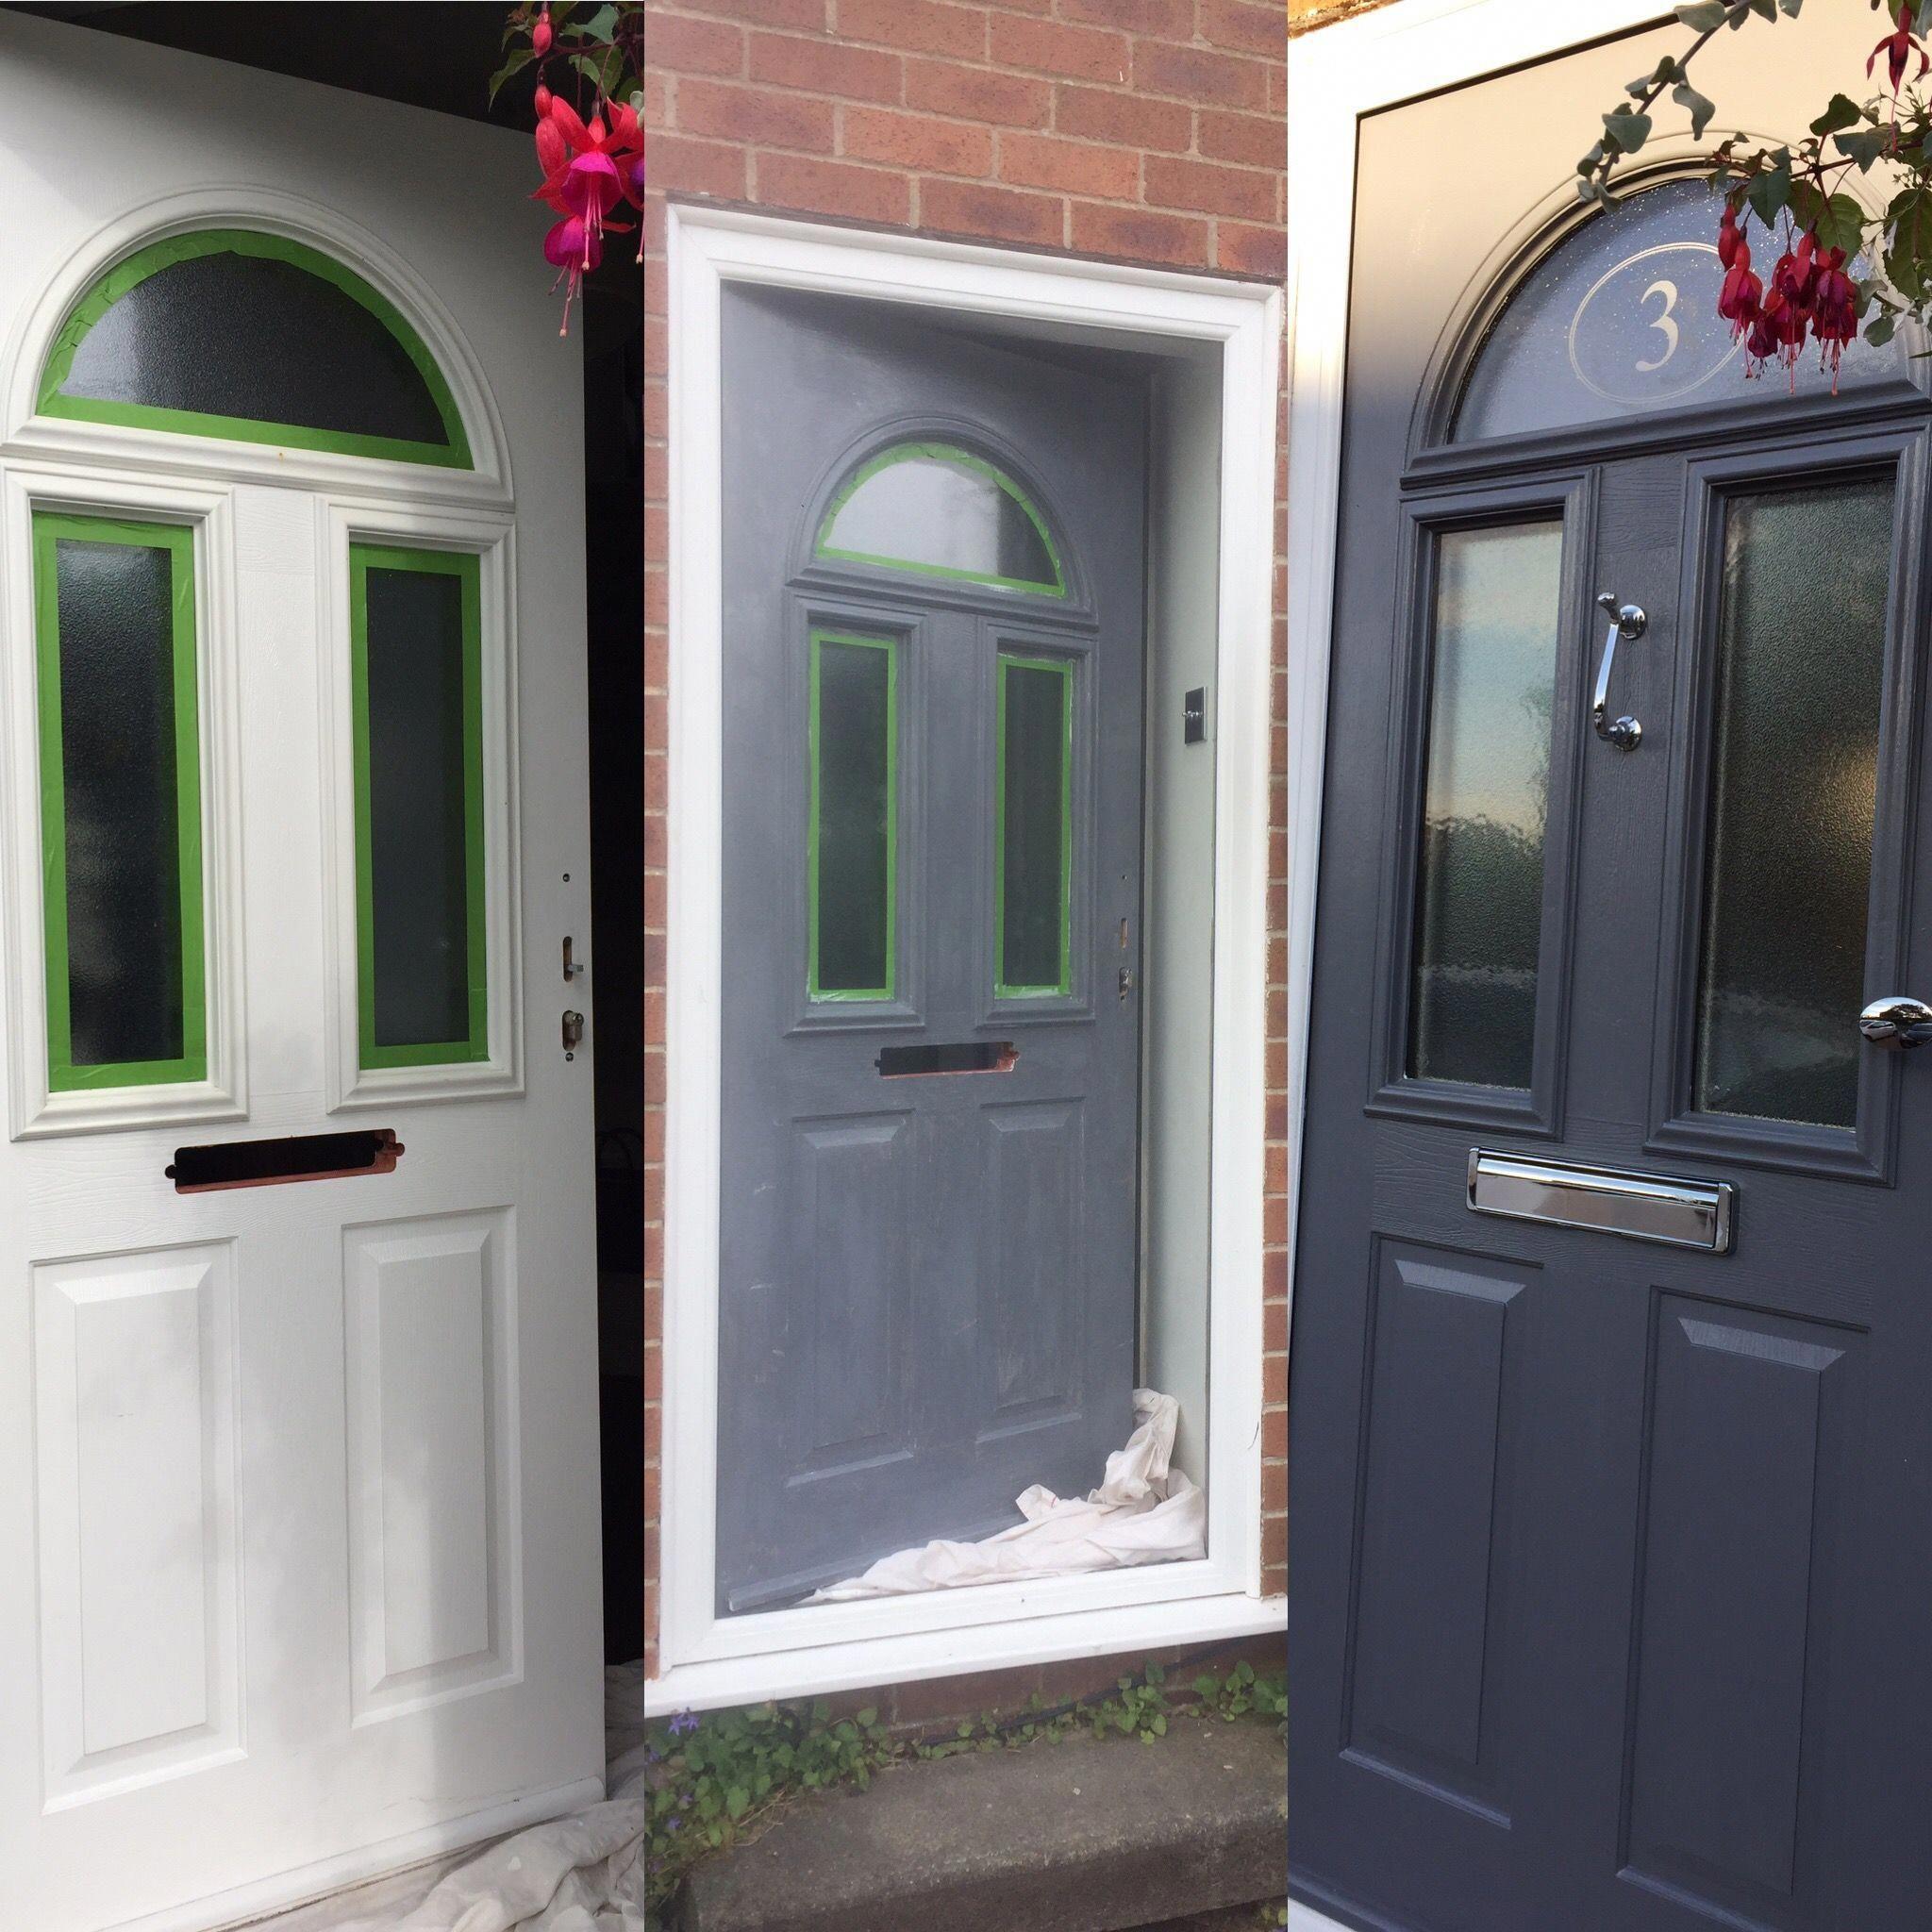 Upvc Painted Front Door 2 Coats Upvc Primer From Sandtex 2 Coats Dulux Exterior Satin Cheap Front D Cheap Front Doors Painted Front Doors Painted Upvc Door